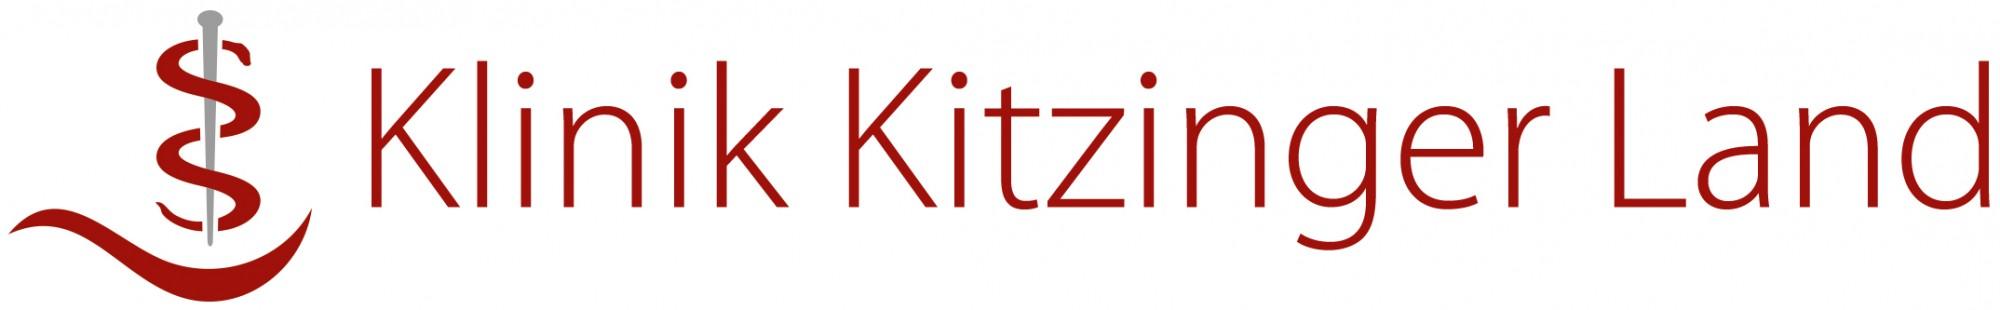 Logo Klinik Kitzinger Land